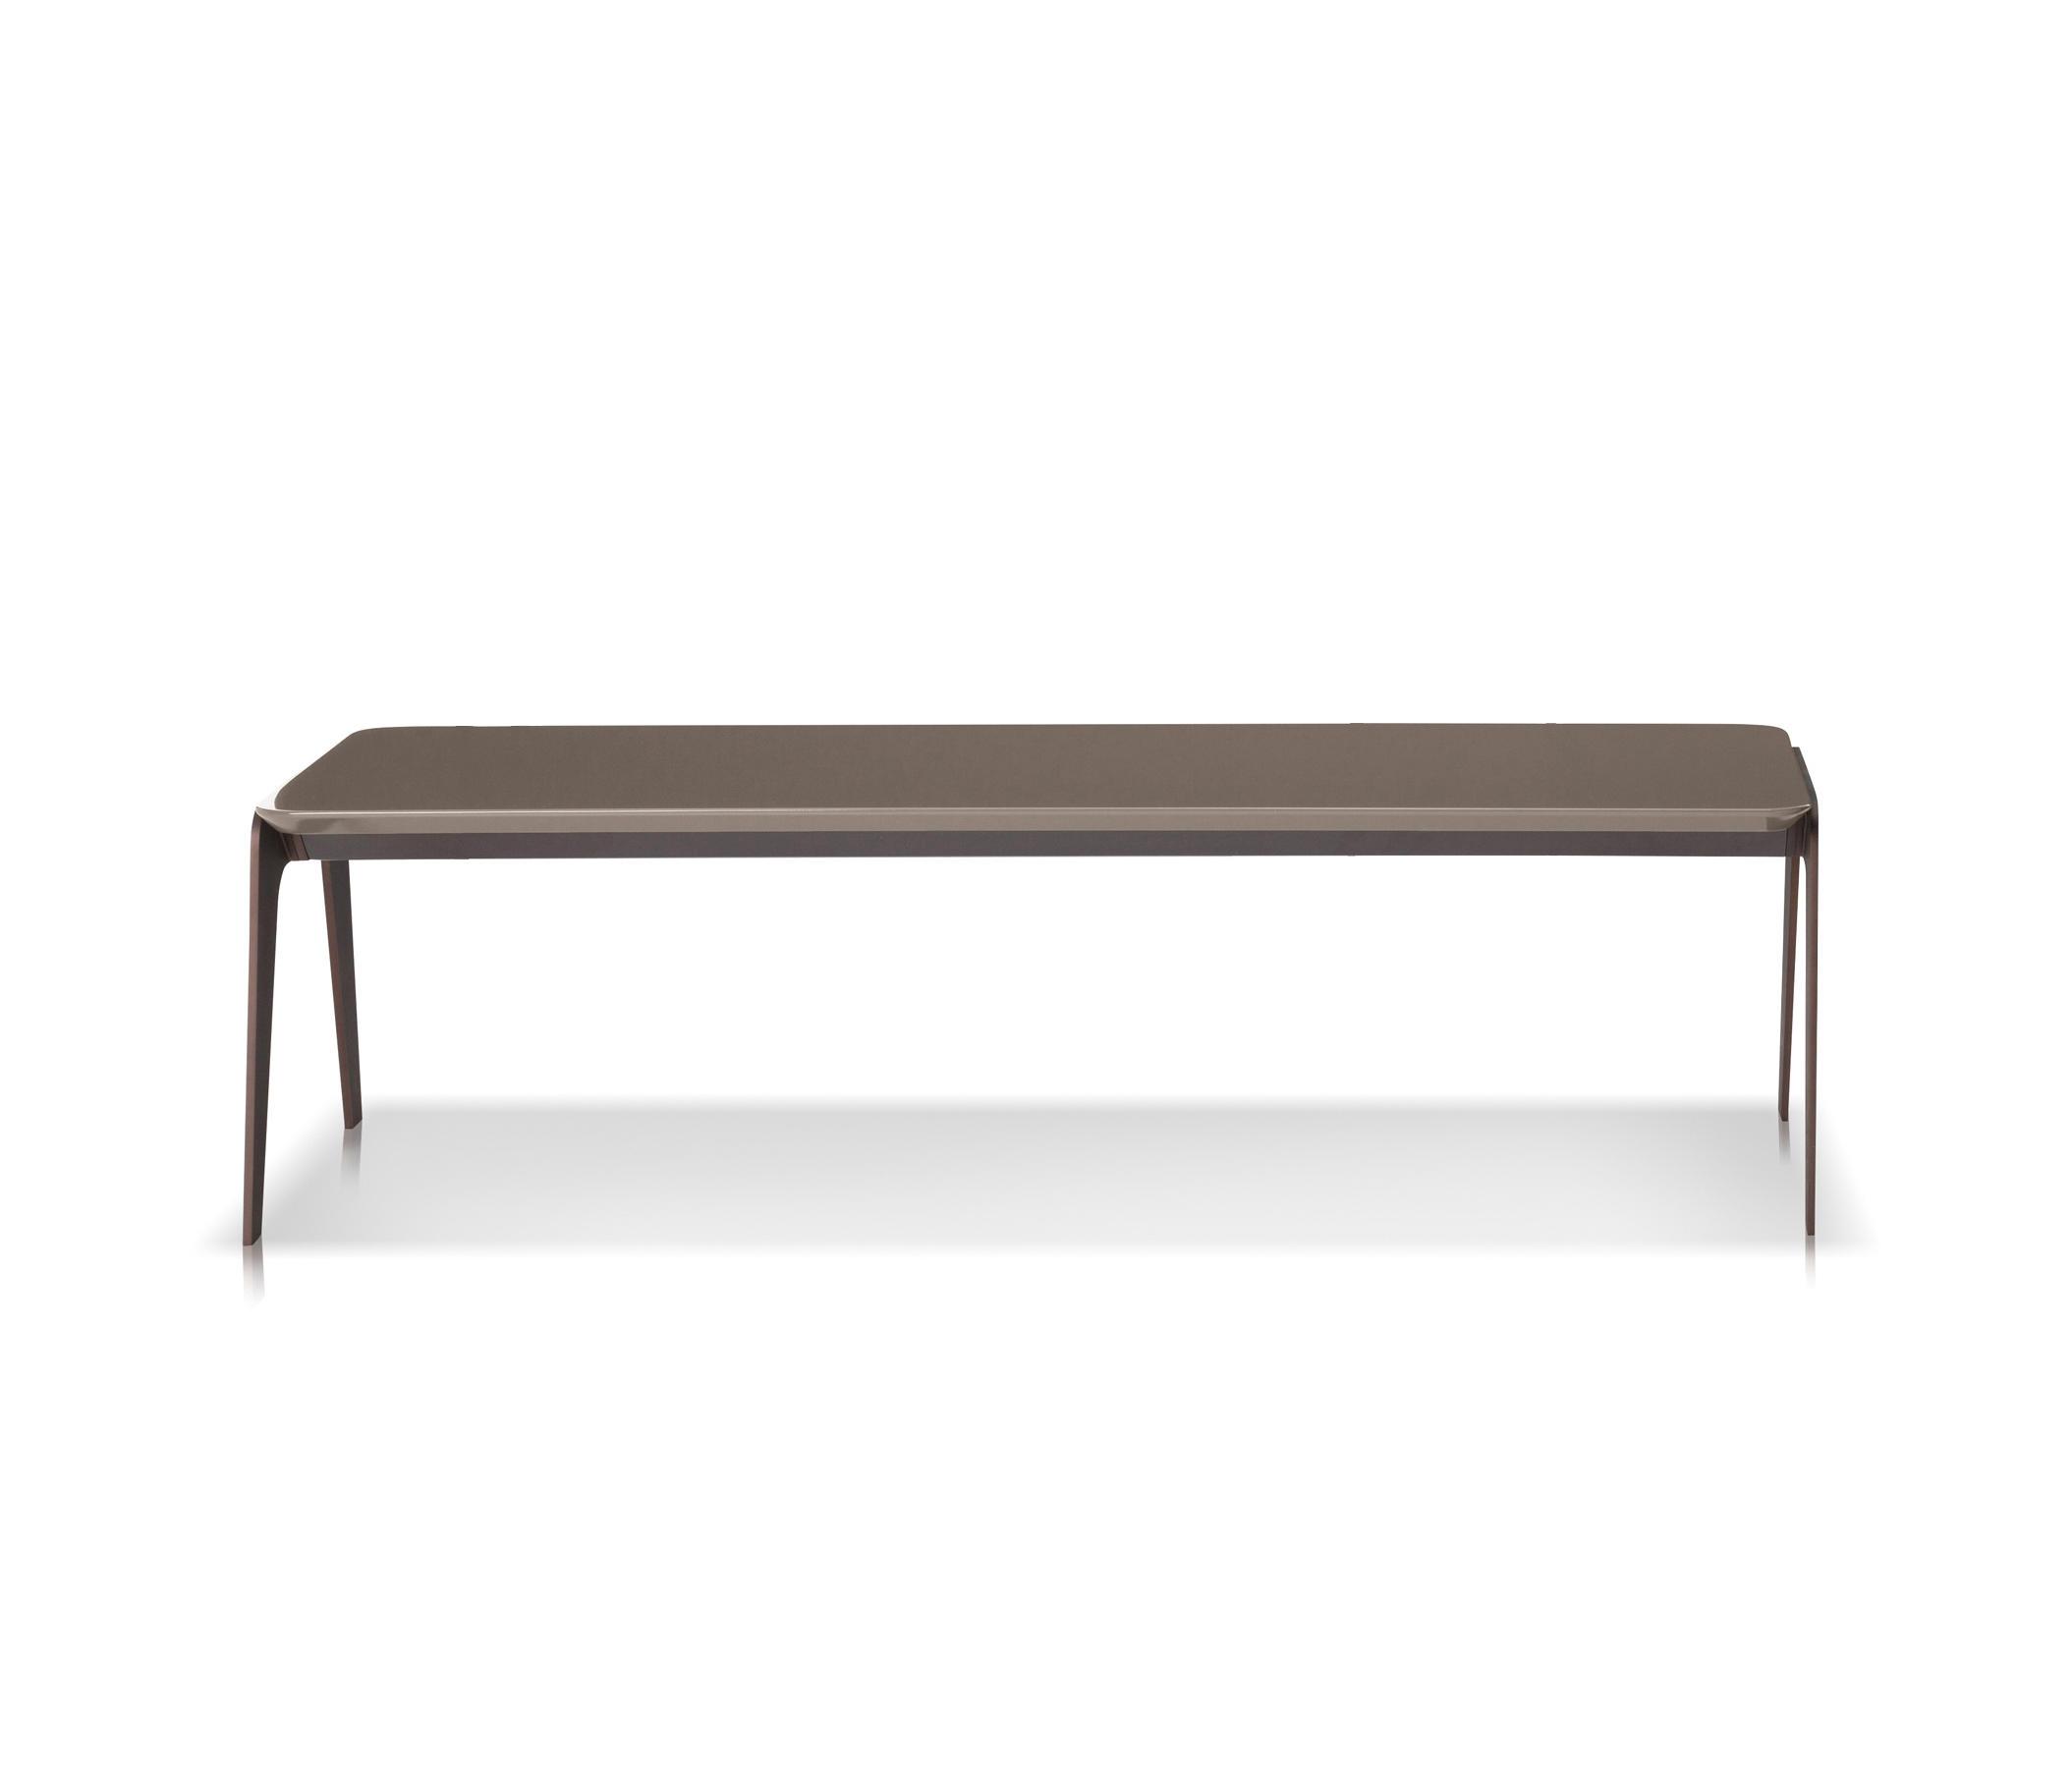 kirk metal couchtische von minotti architonic. Black Bedroom Furniture Sets. Home Design Ideas